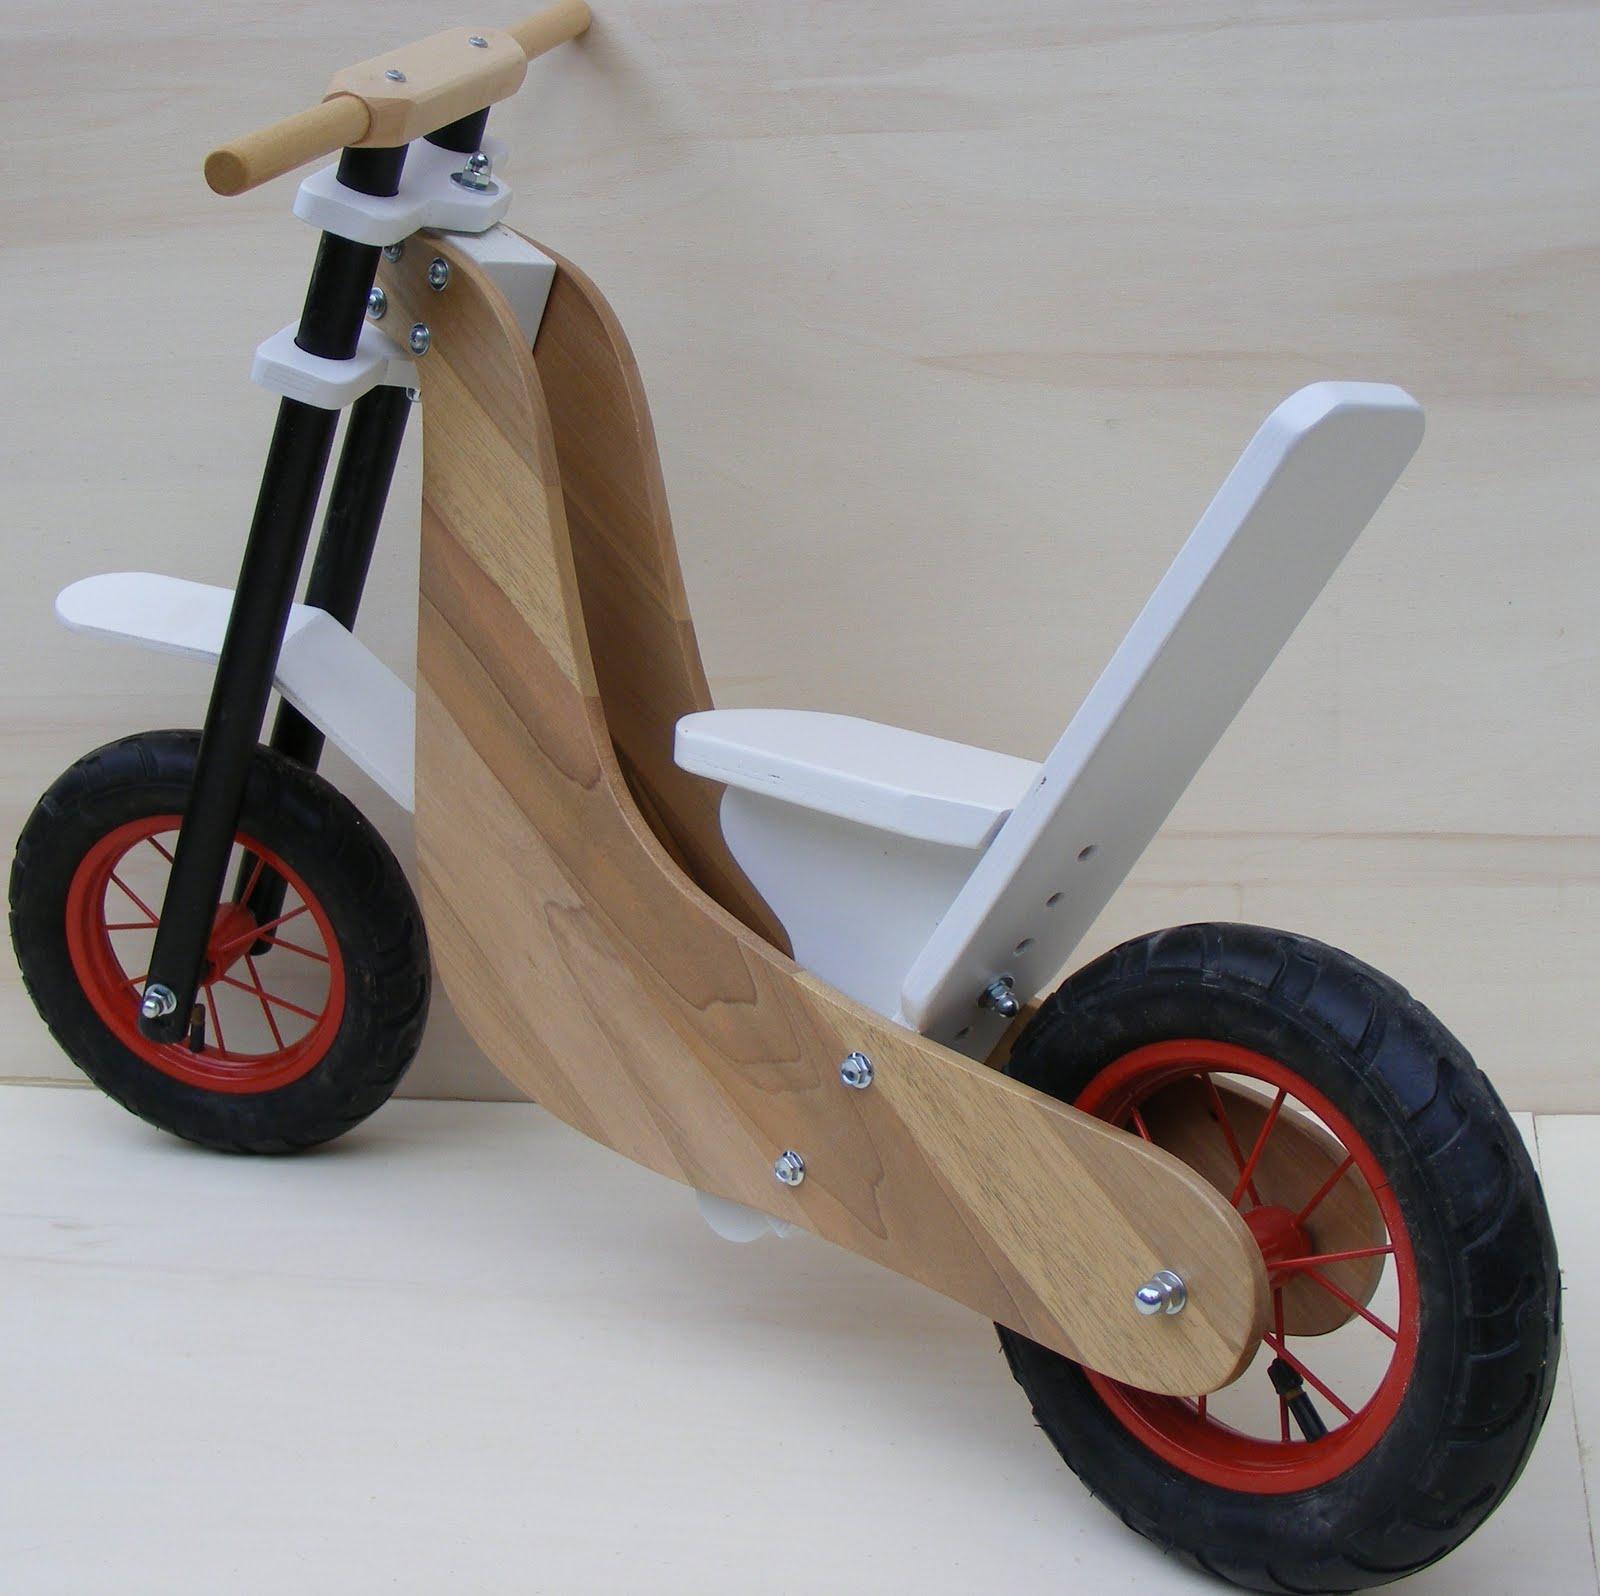 Regali di natale per bimbi tricicli e giochi cavalcabili for Regali di natali